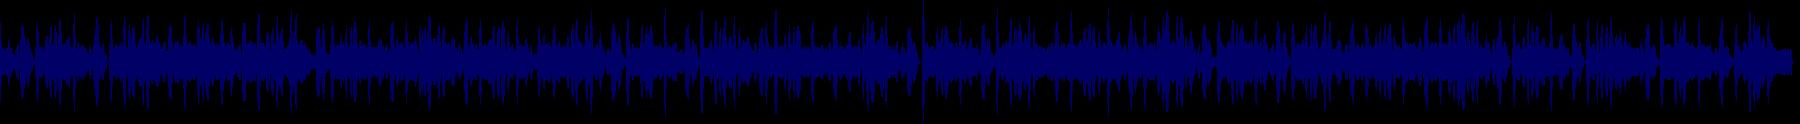 waveform of track #85135